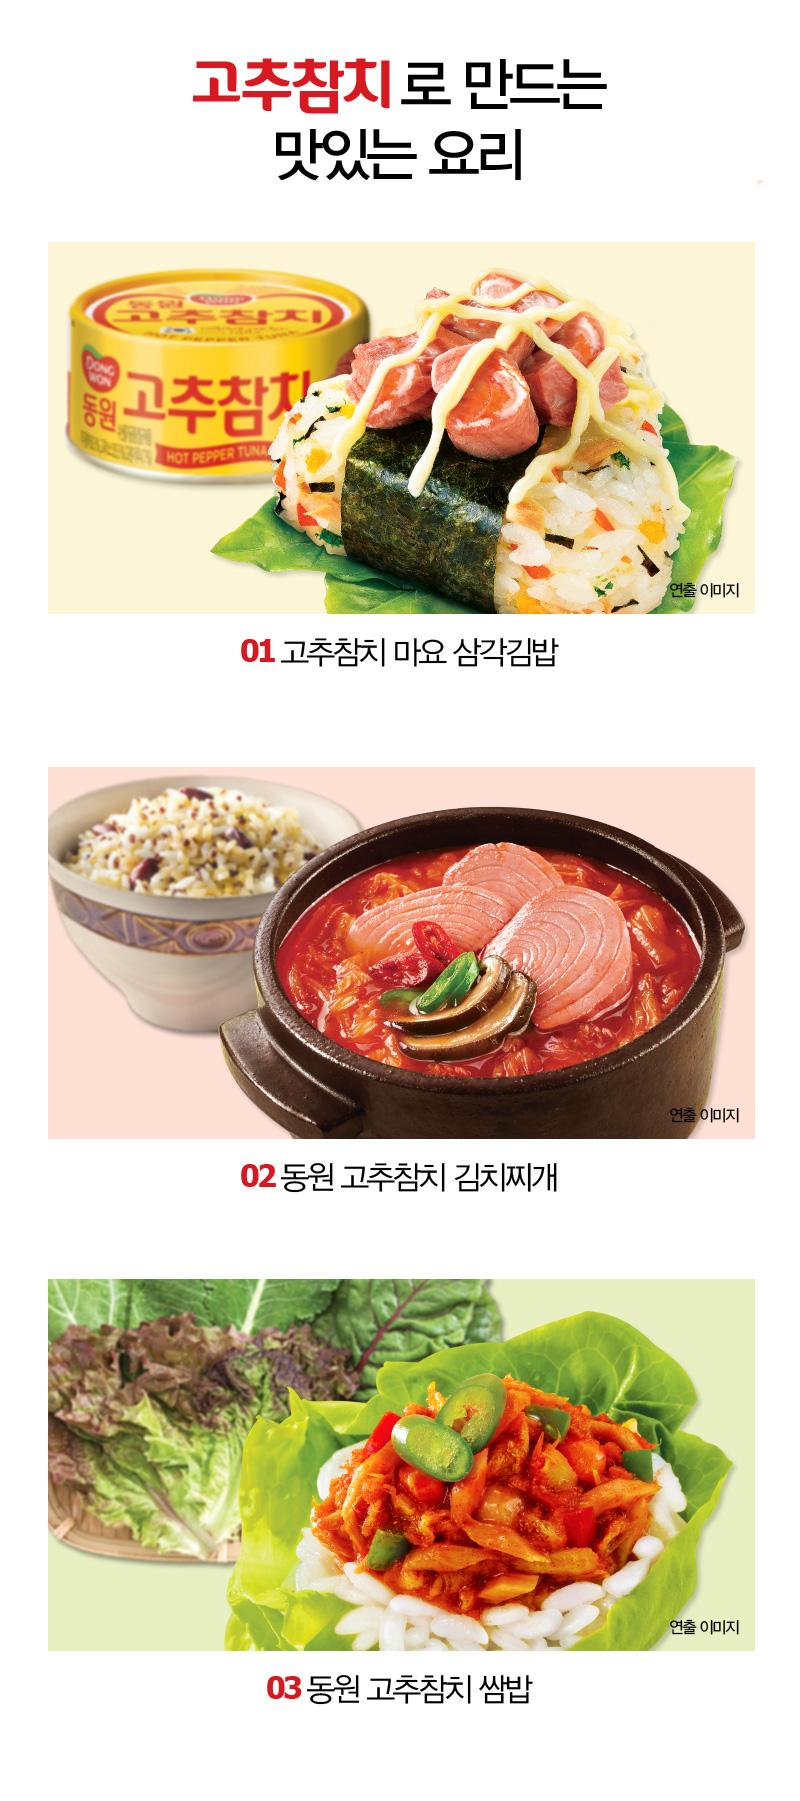 고추참치로 만드는 맛있는 요리 01 고추참치 마요 삼각김밥 02 동원 고추참치 김치찌개 03 동원 고추참치 쌈밥